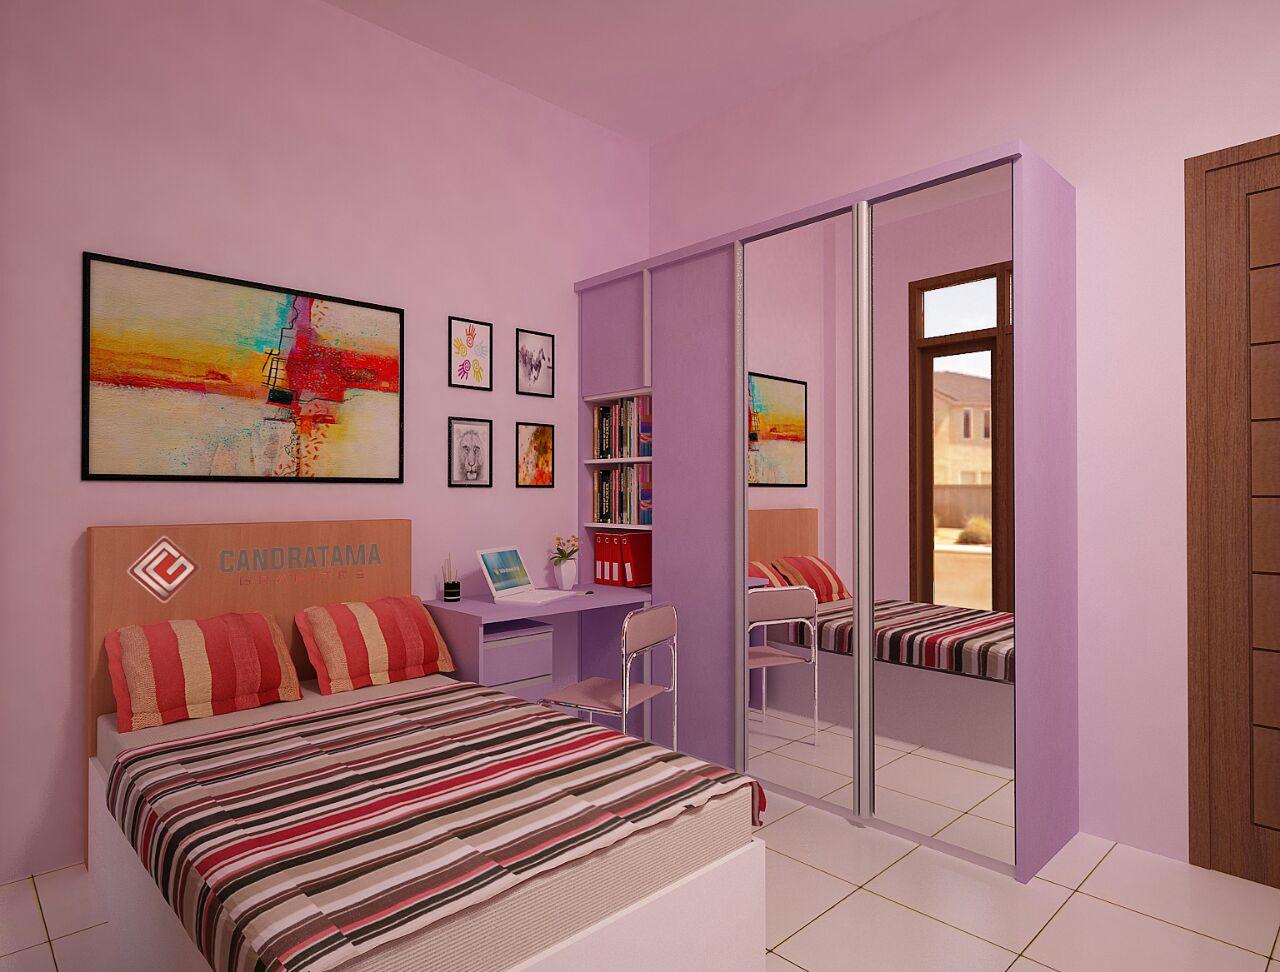 Dekor Kamar Tidur Jasa Desain Interior Trenggalek 081252474309